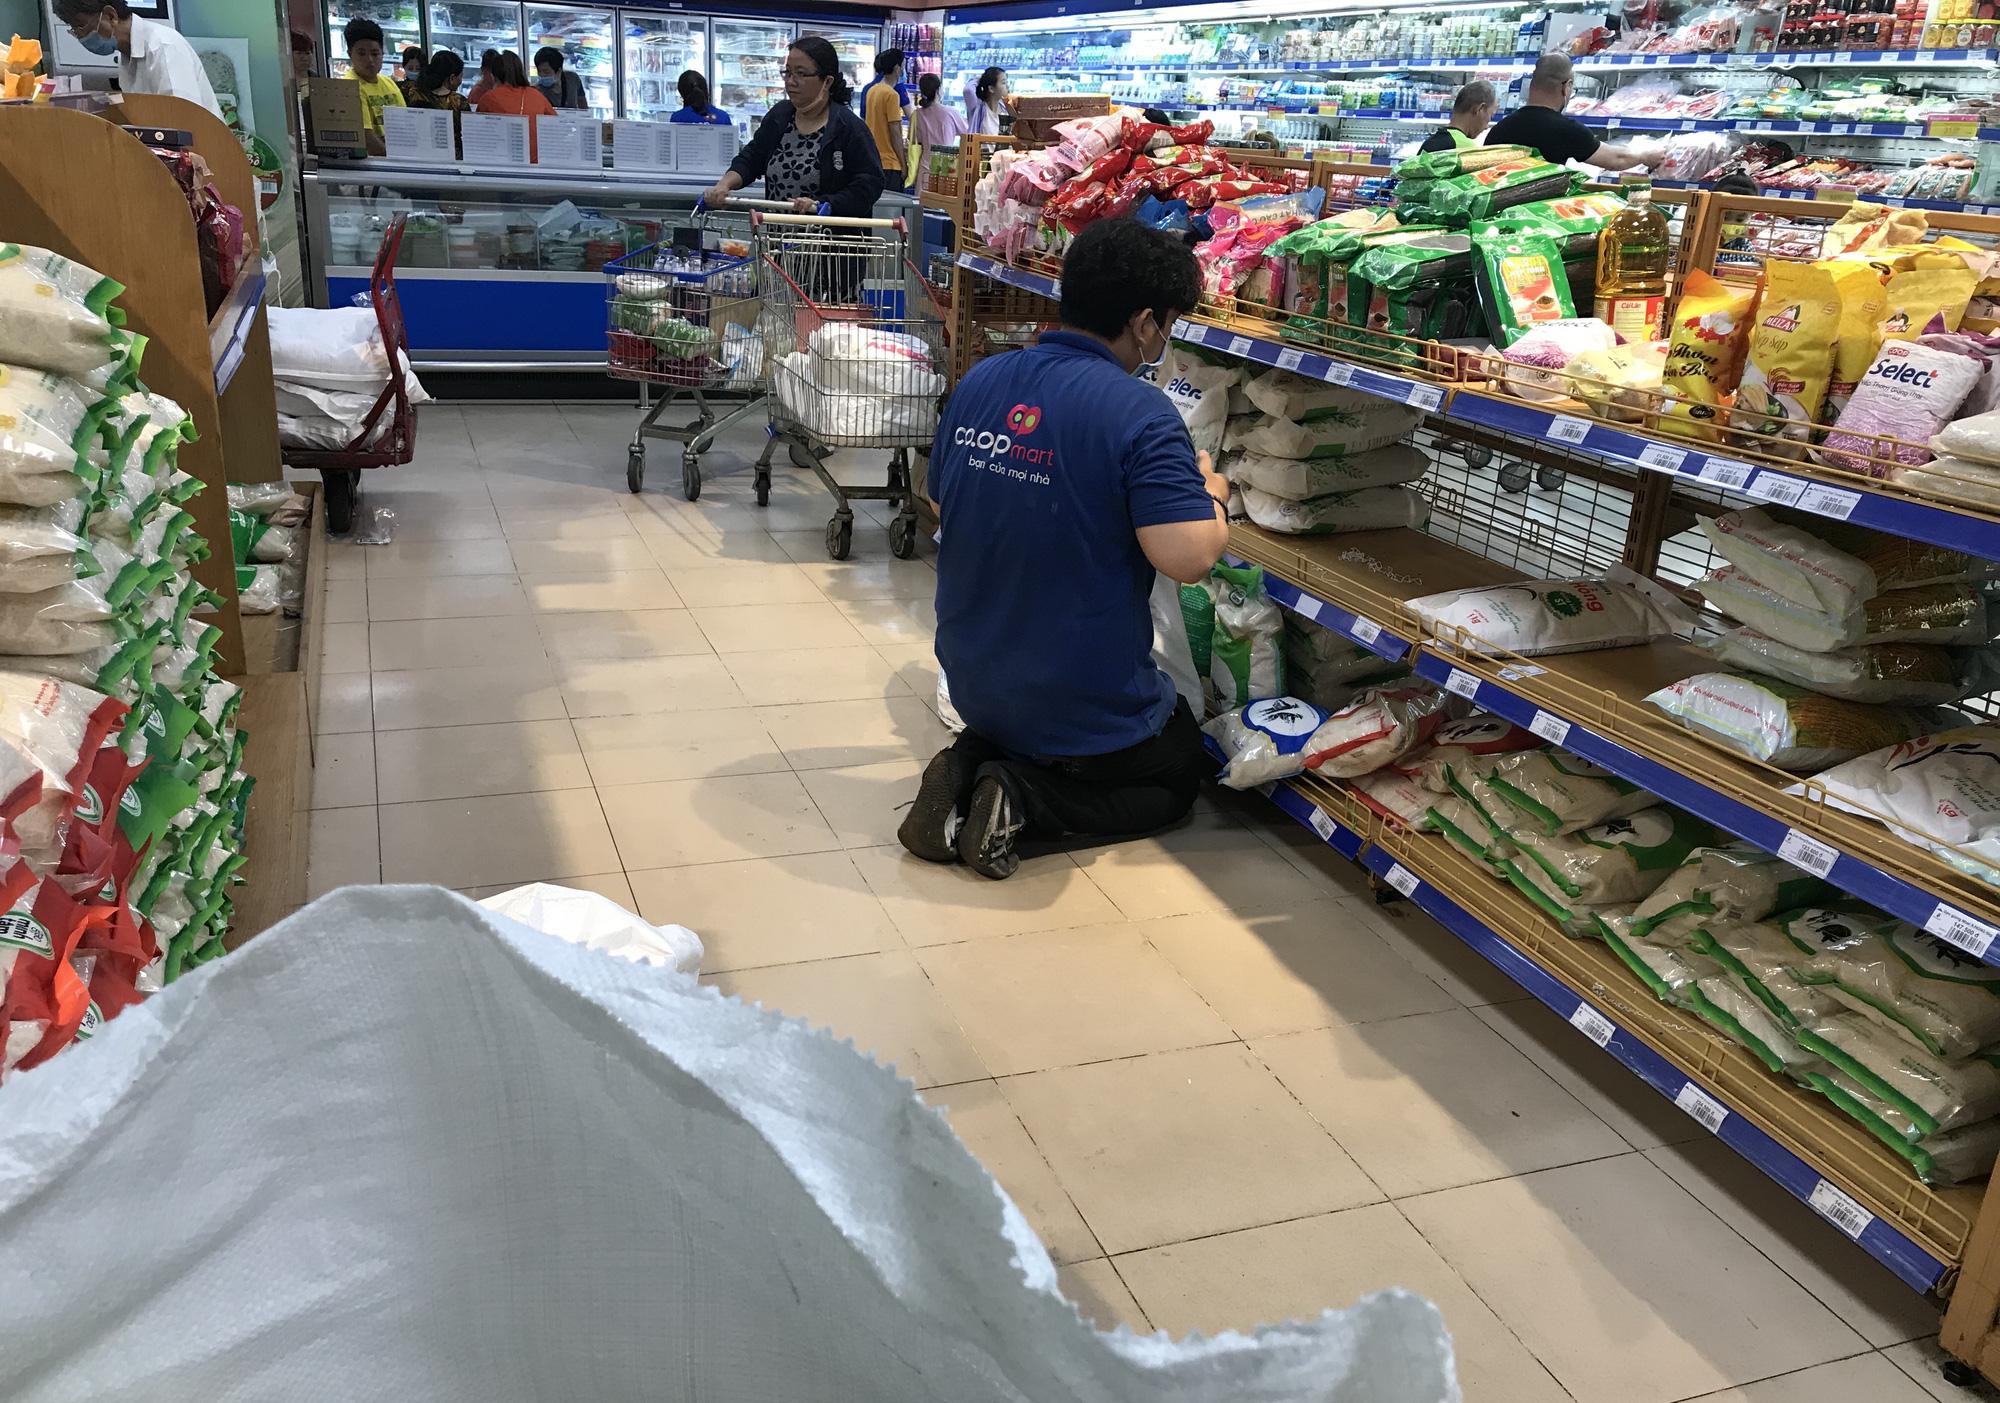 Bộ Công Thương tiếp tục đề nghị xuất khẩu gạo, trước mắt tháng 4 sẽ xuất 400.000 tấn - Ảnh 2.